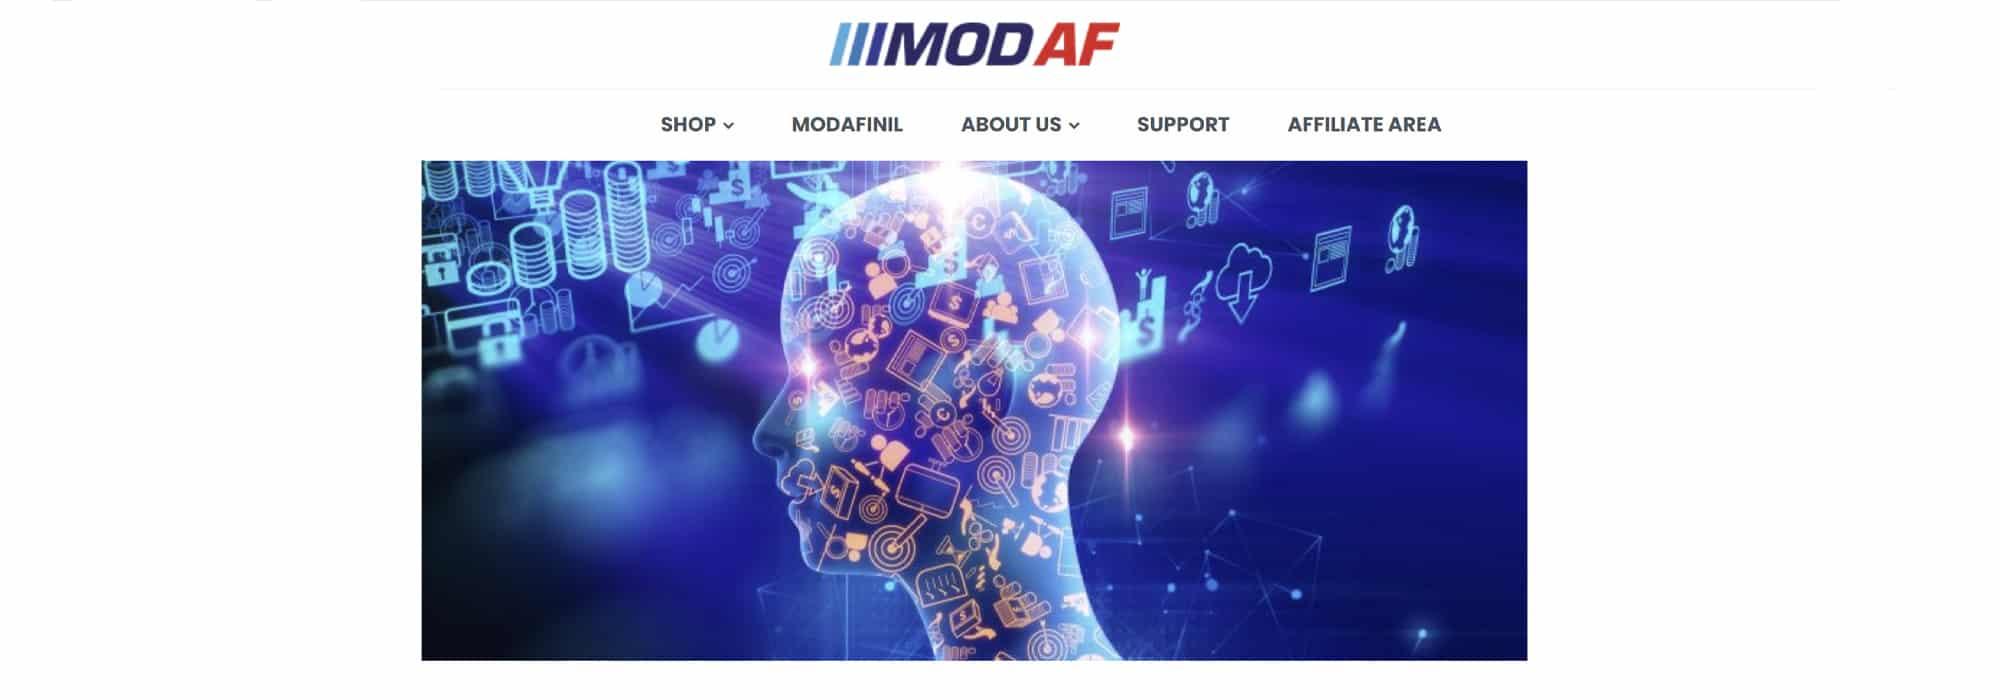 Buy Modalert Online at ModAF